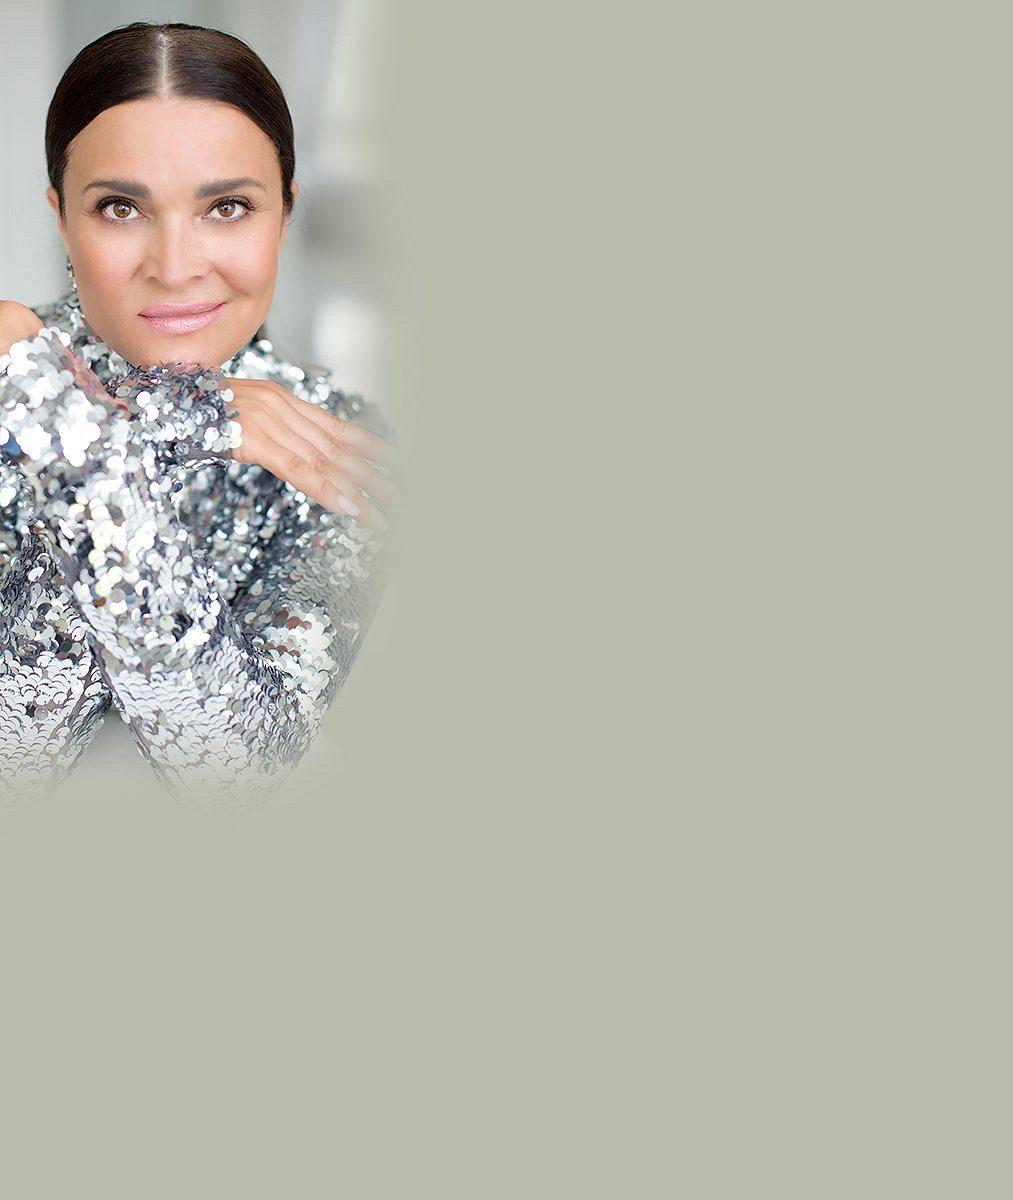 Po karanténě opět ve společnosti: Mahulena Bočanová promluvila ocovidu aradikálním rozhodnutí